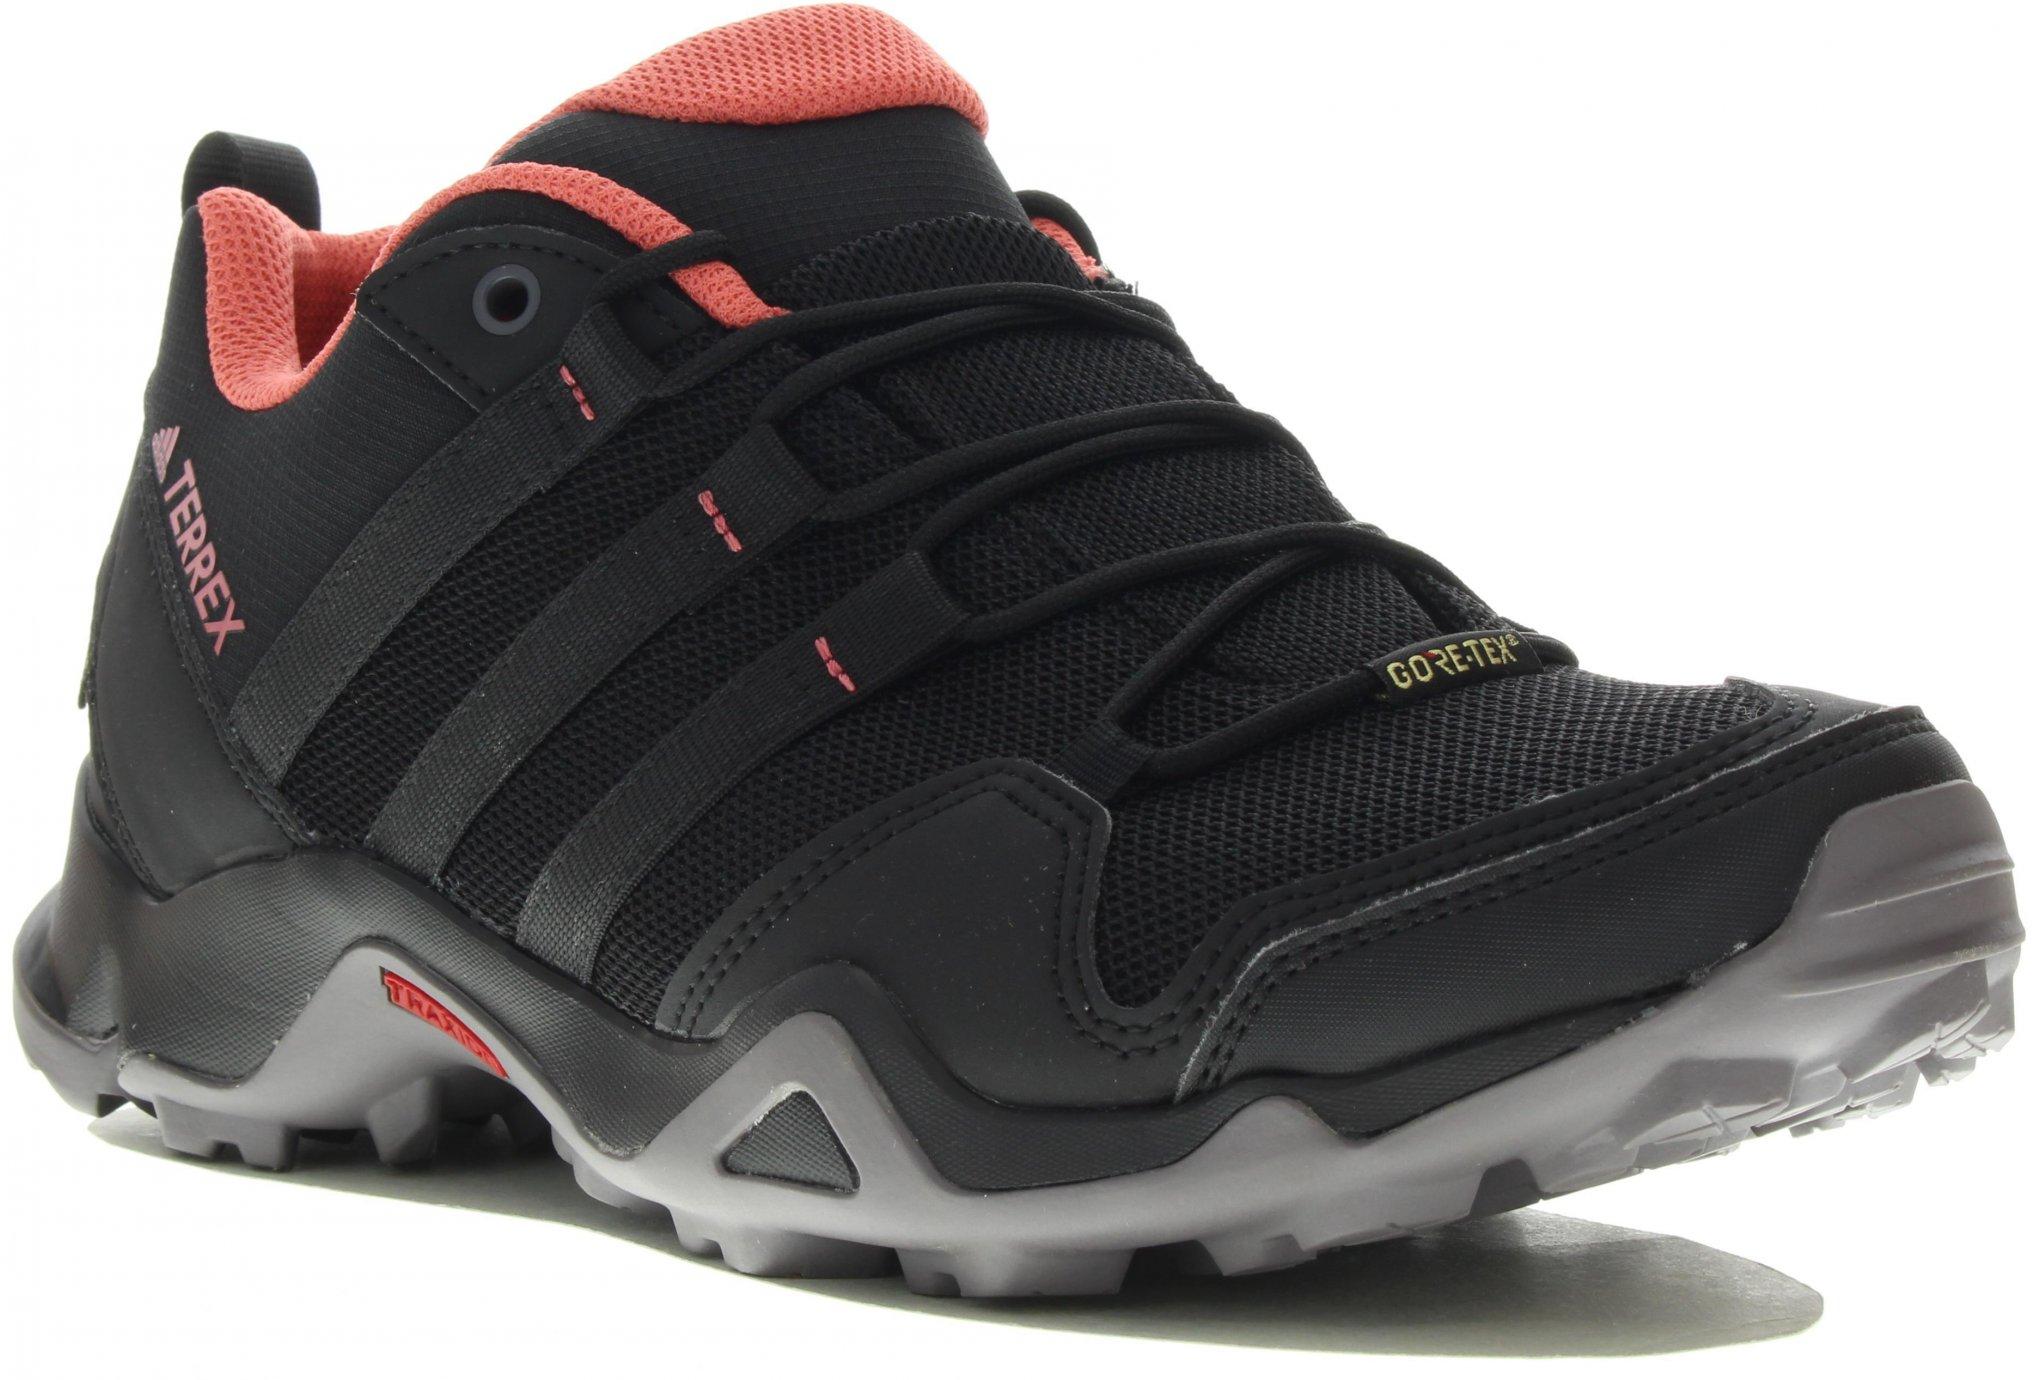 Santé Tex W Terrex Sport Et Chaussures Nordicfit Adidas Gore Ax2r 0RqwZPE